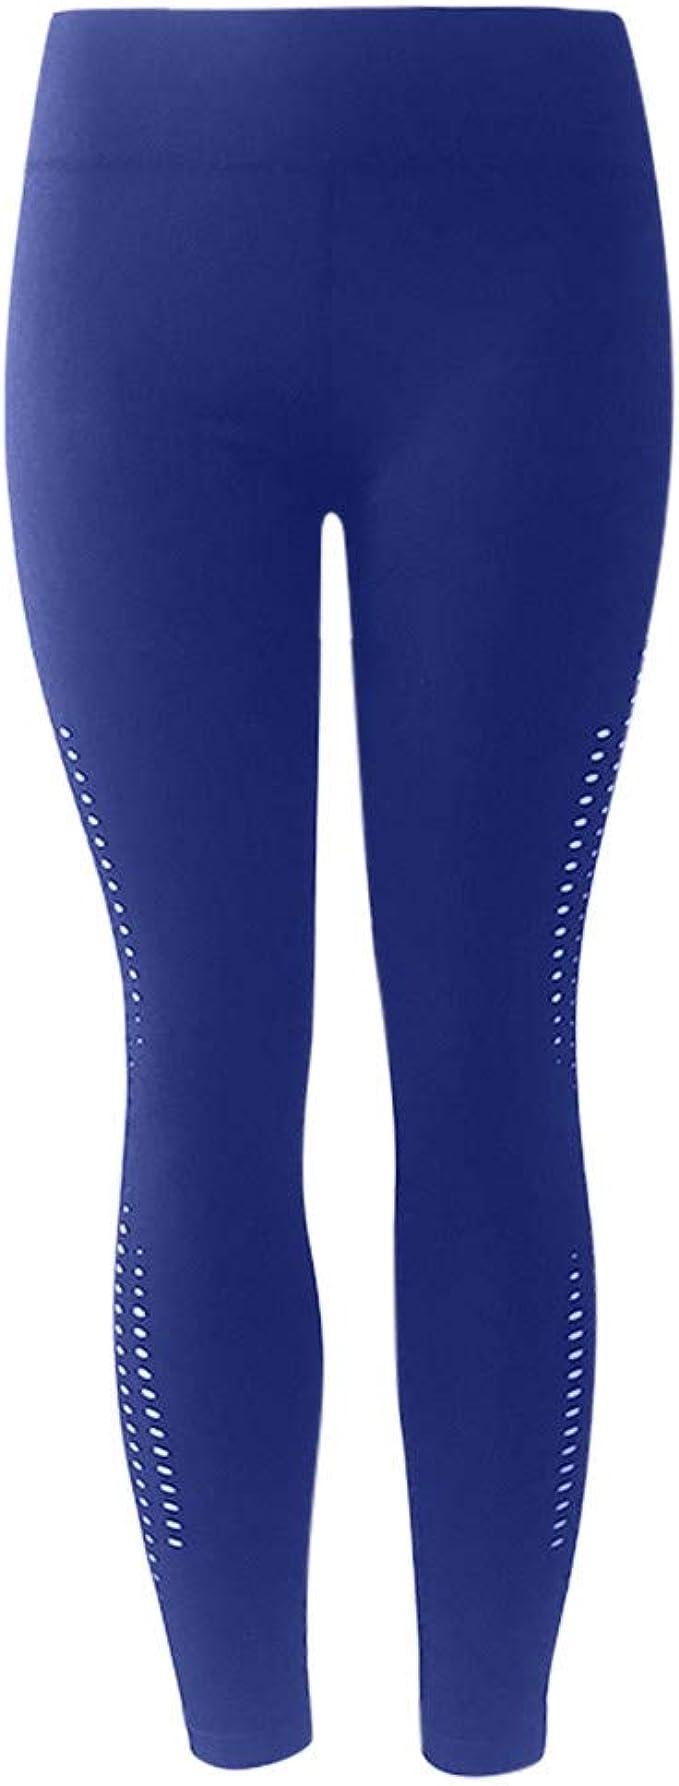 Bolsillo Pantalon Pantalones Impermeables Pantalon Mercury ...